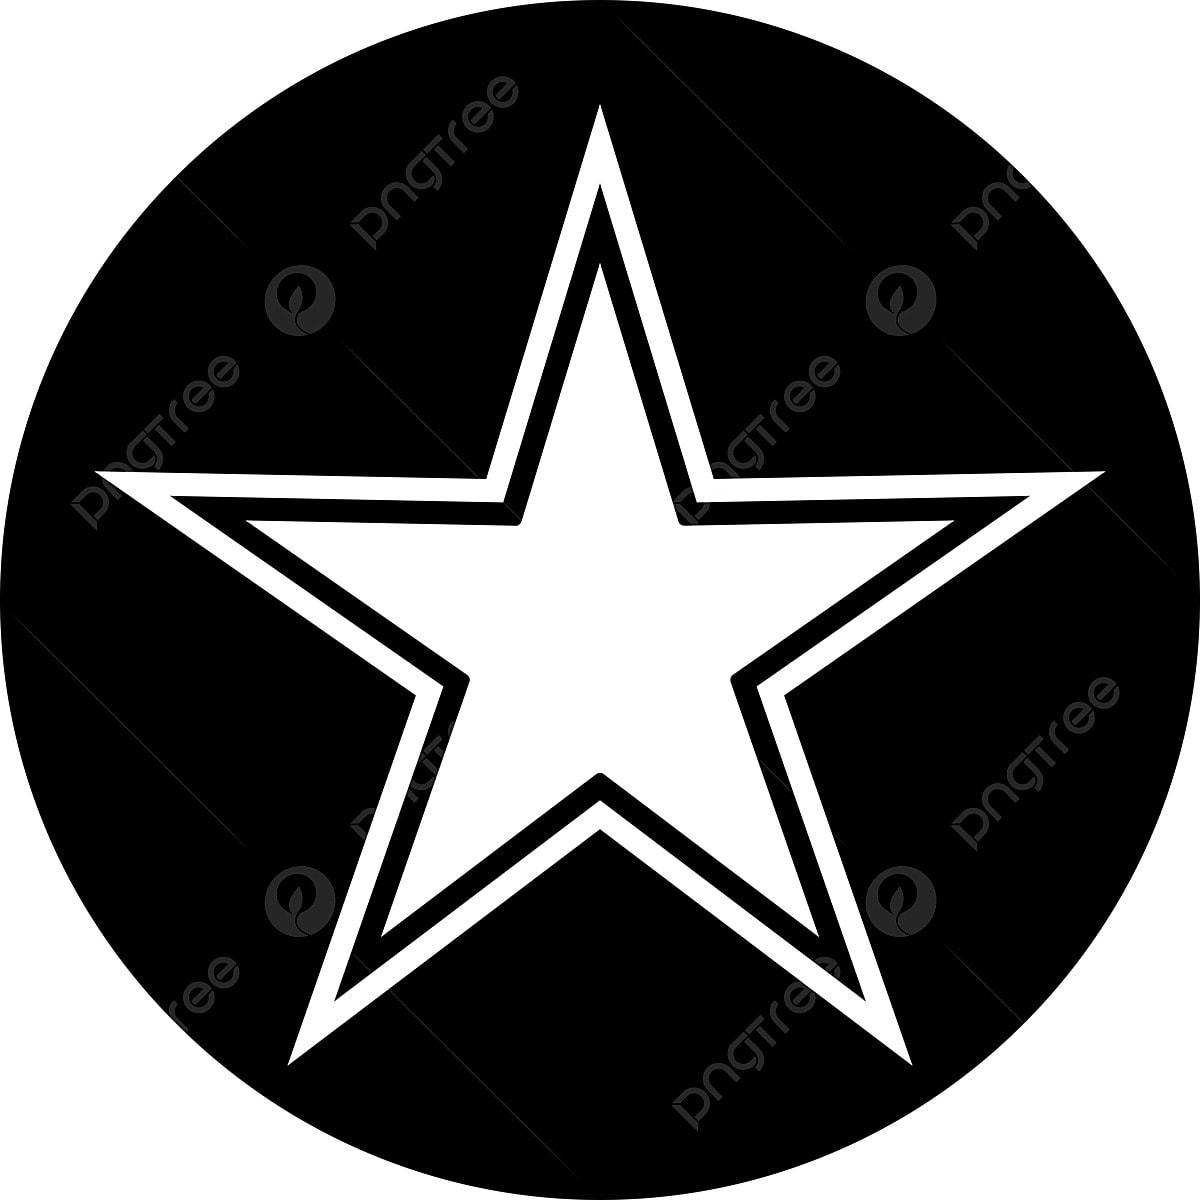 звезда в круге вектор